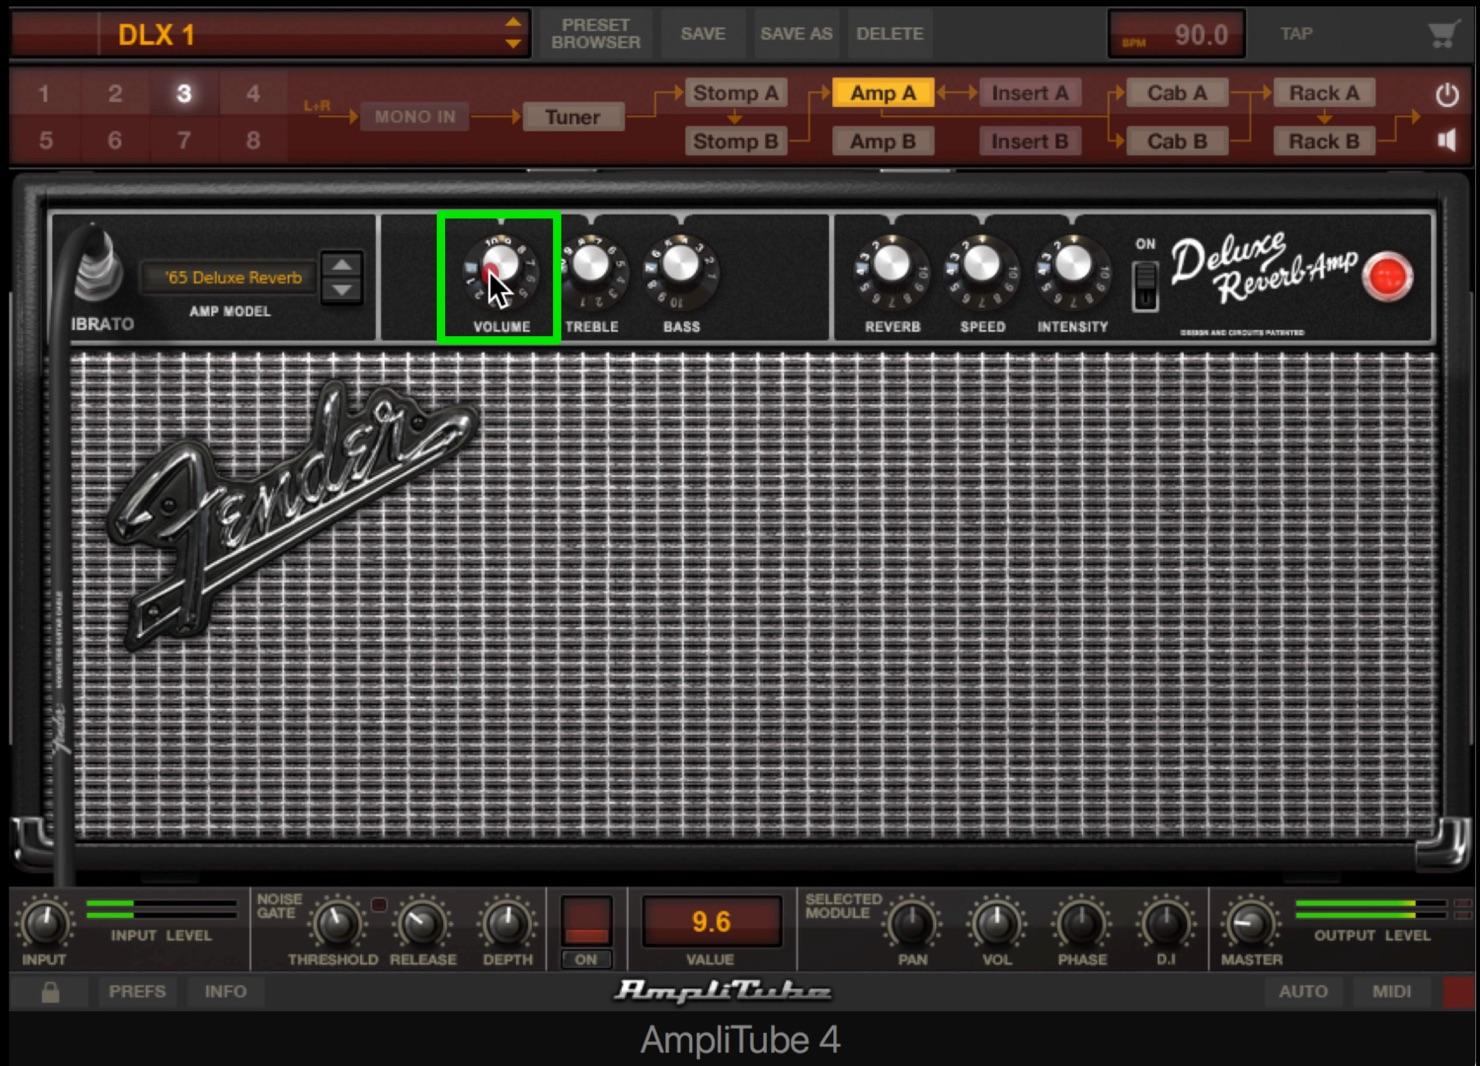 Amplitube4-Fender-Deluxe-Reverb-volume-1